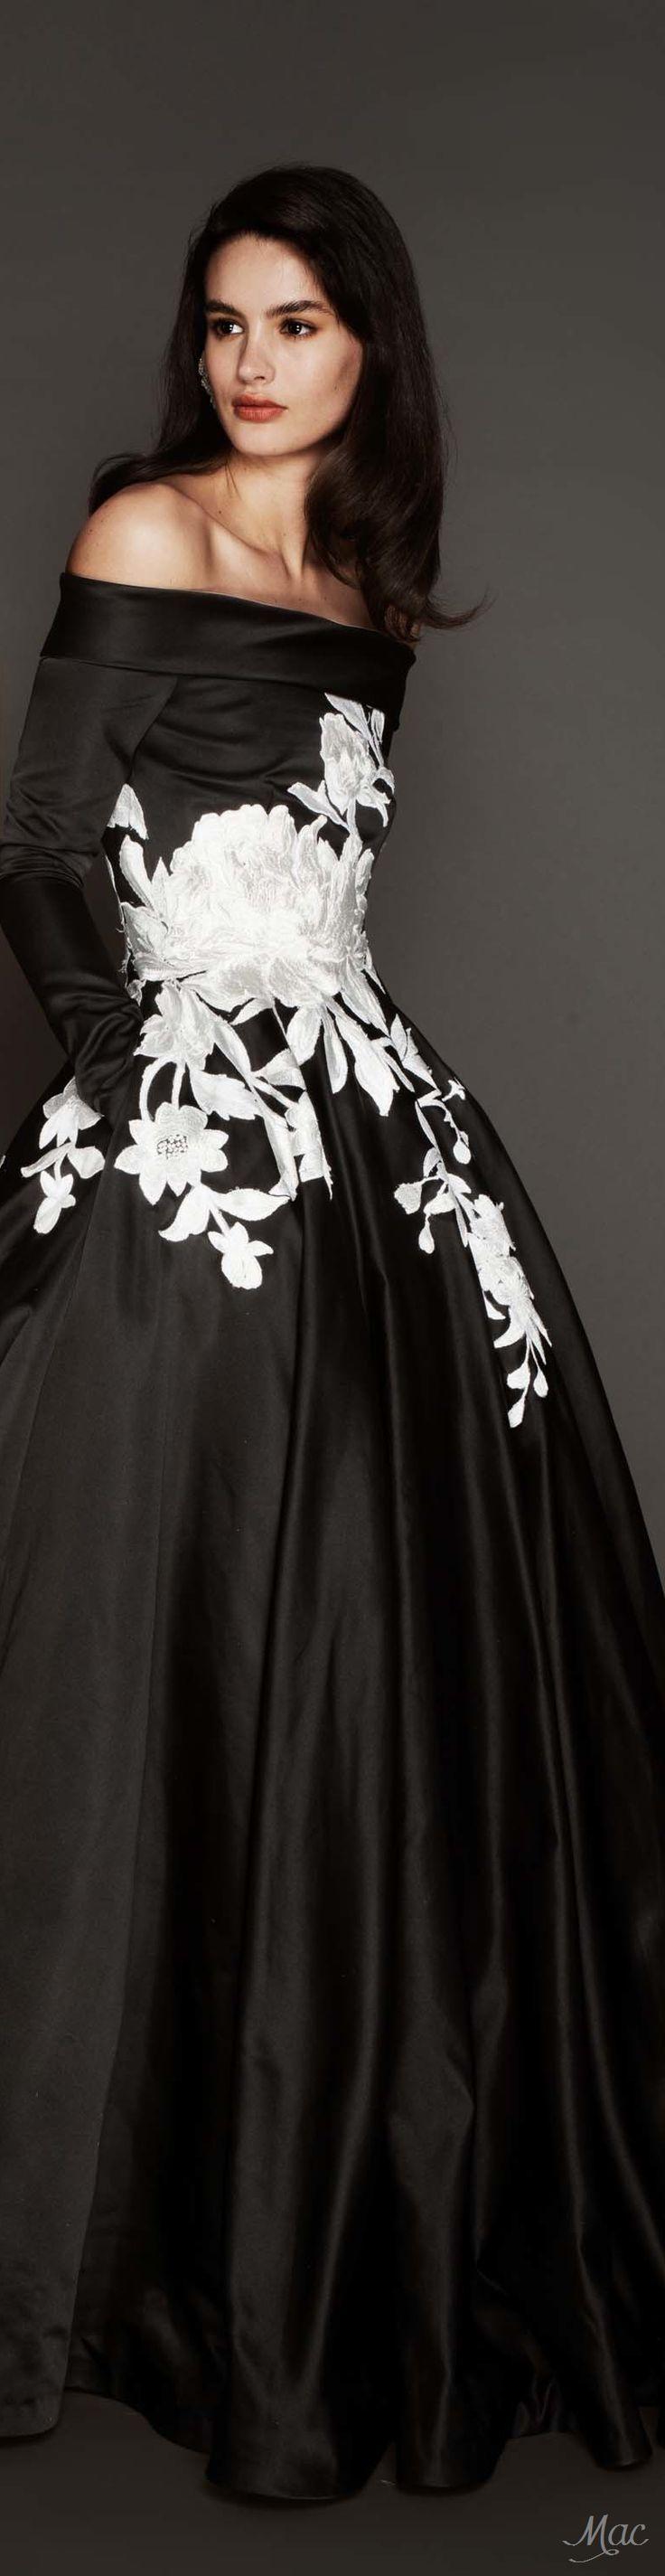 ❧ Couleur : Noir et blanc ❧